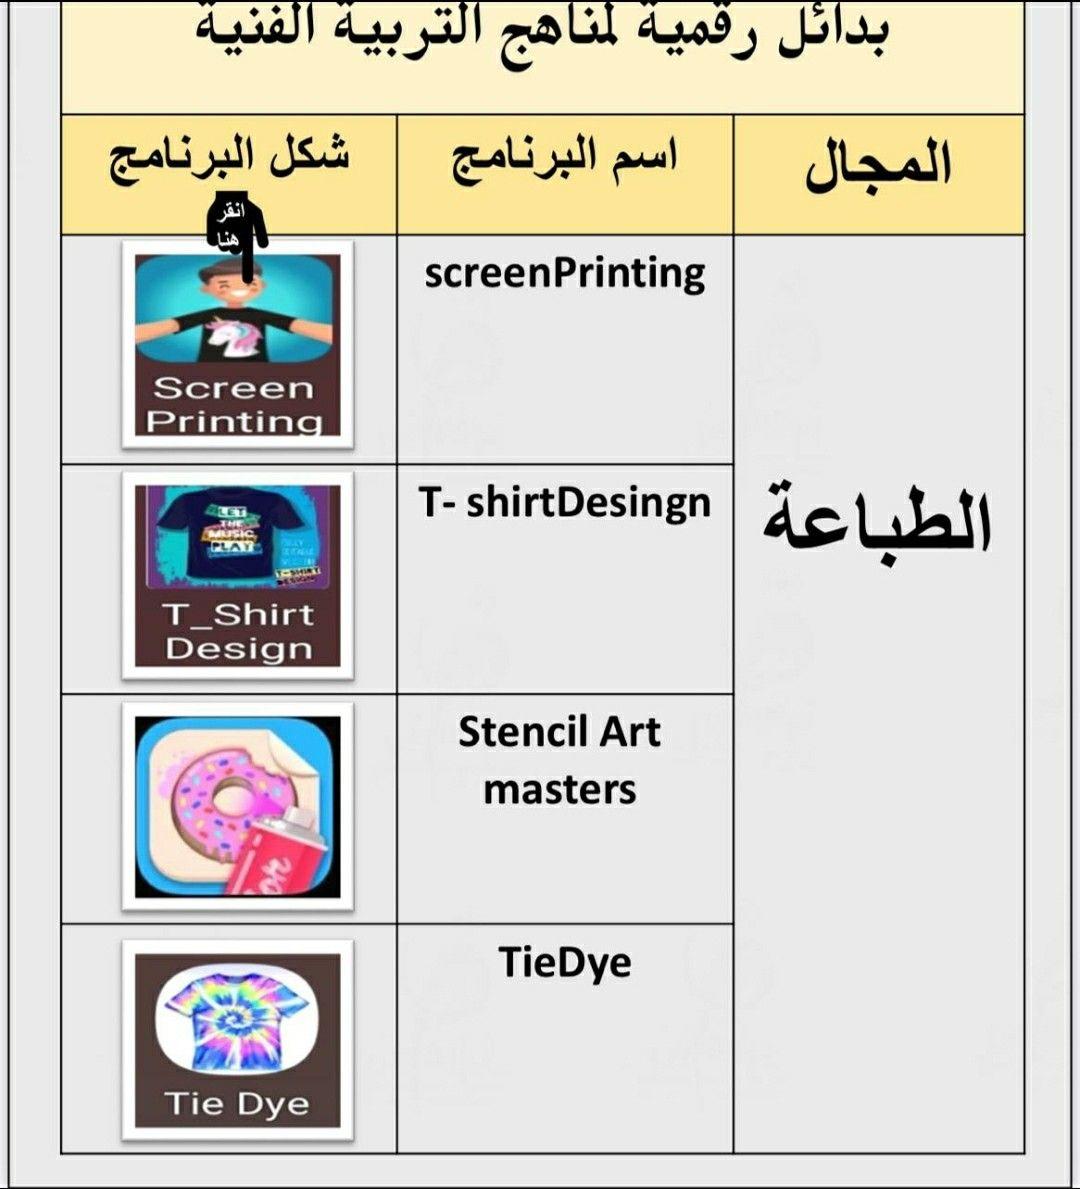 بدائل رقمية لمناهج التربية الفنية Stencil Designs Stencil Art Screen Printing